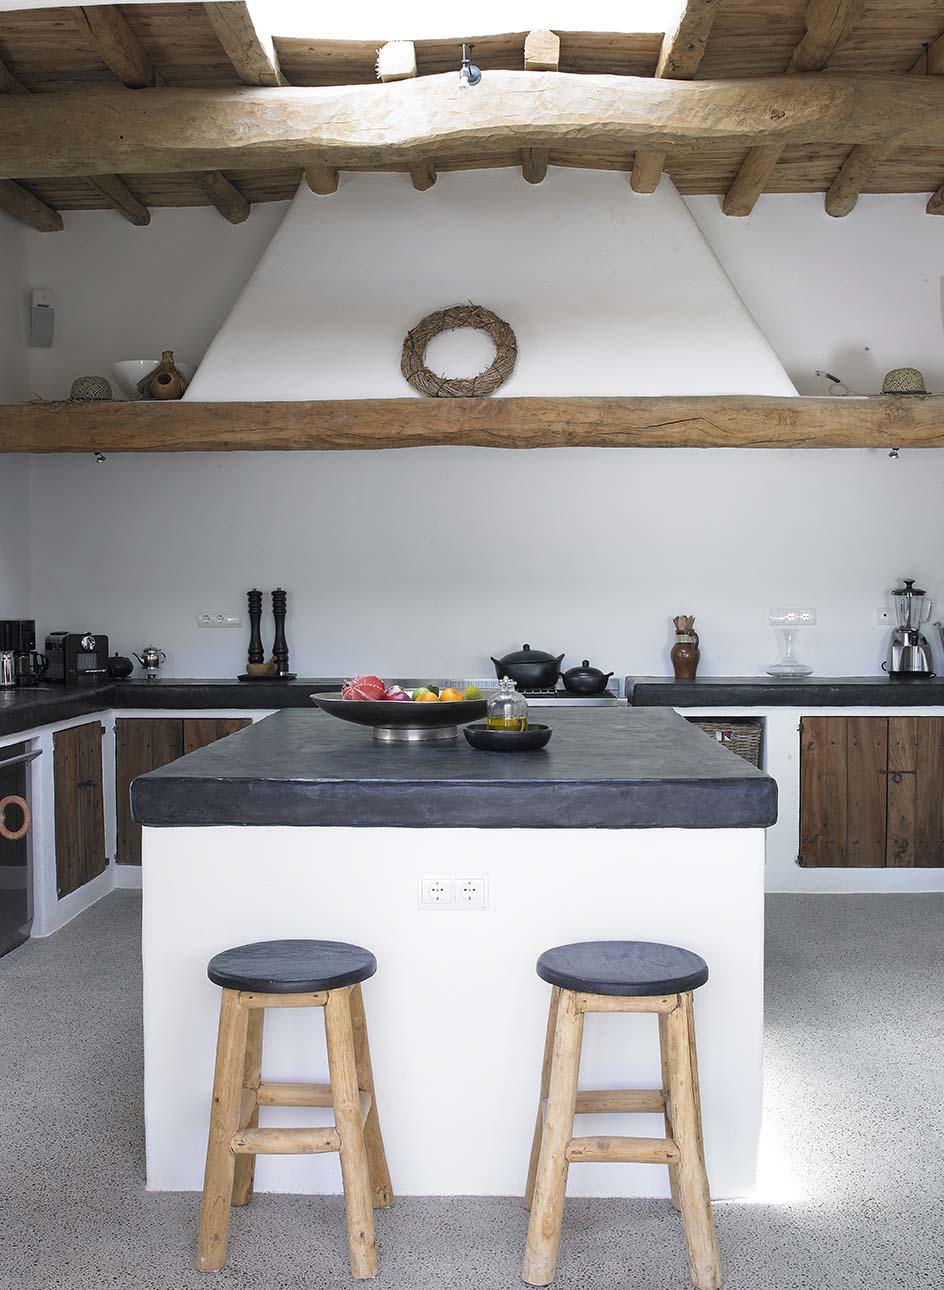 Cucina in muratura • 70 Idee per cucine moderne, rustiche, country ...